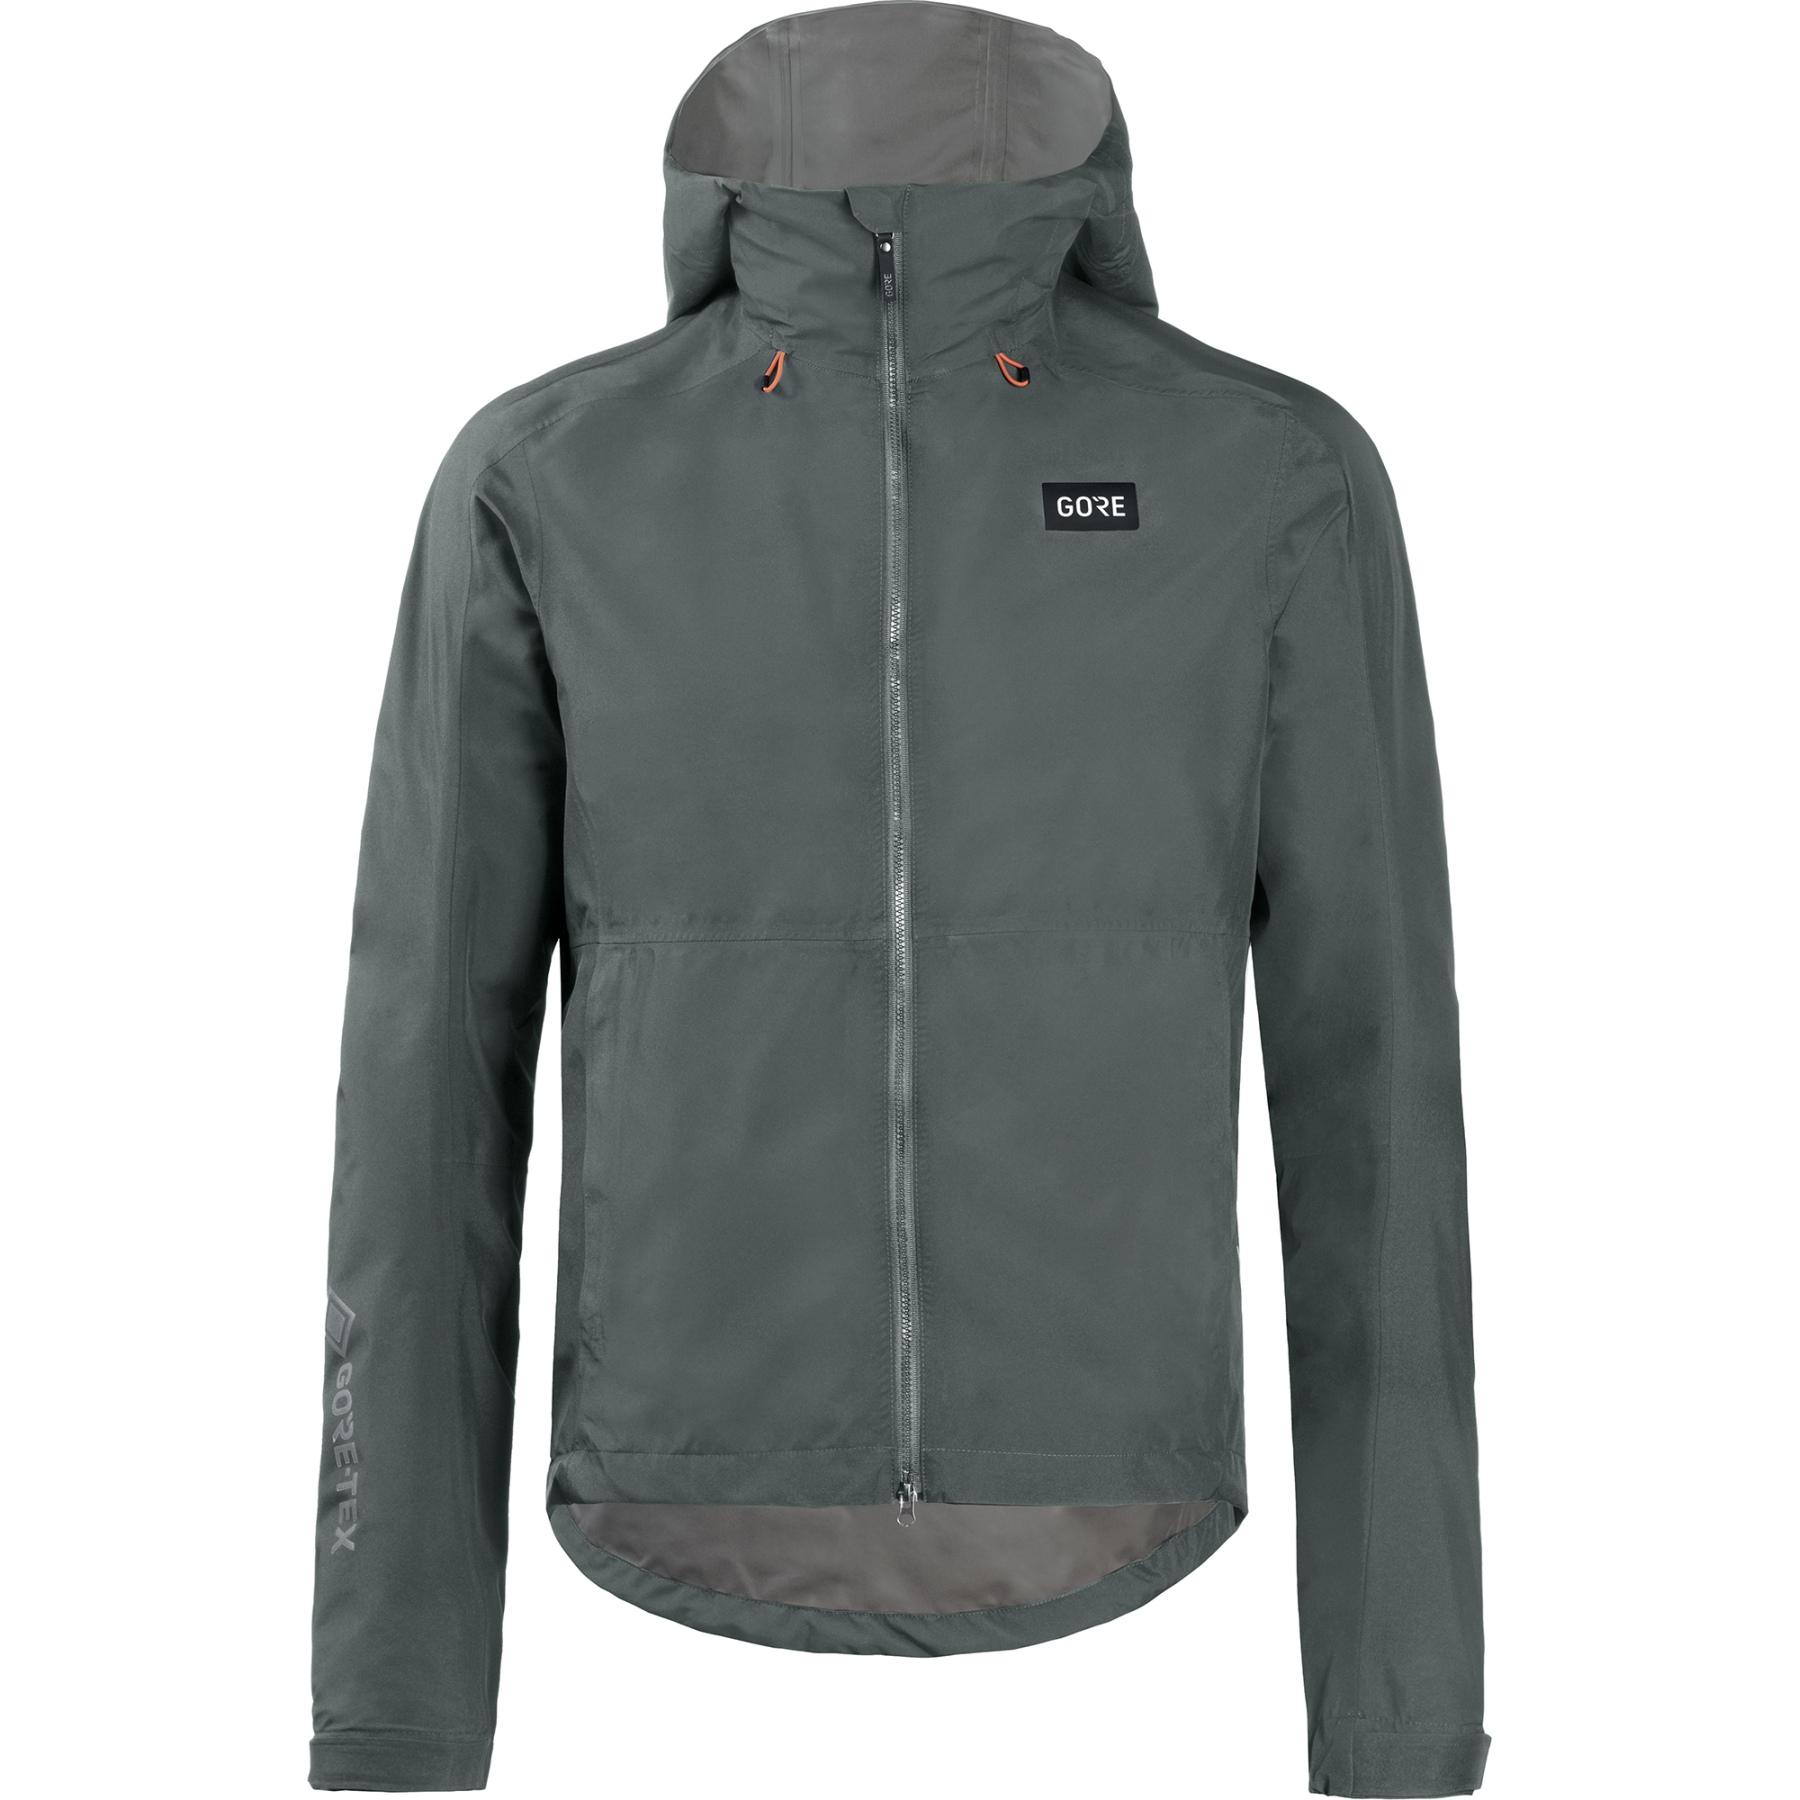 Produktbild von GORE Wear Endure Jacke für Herren - urban grey BB00